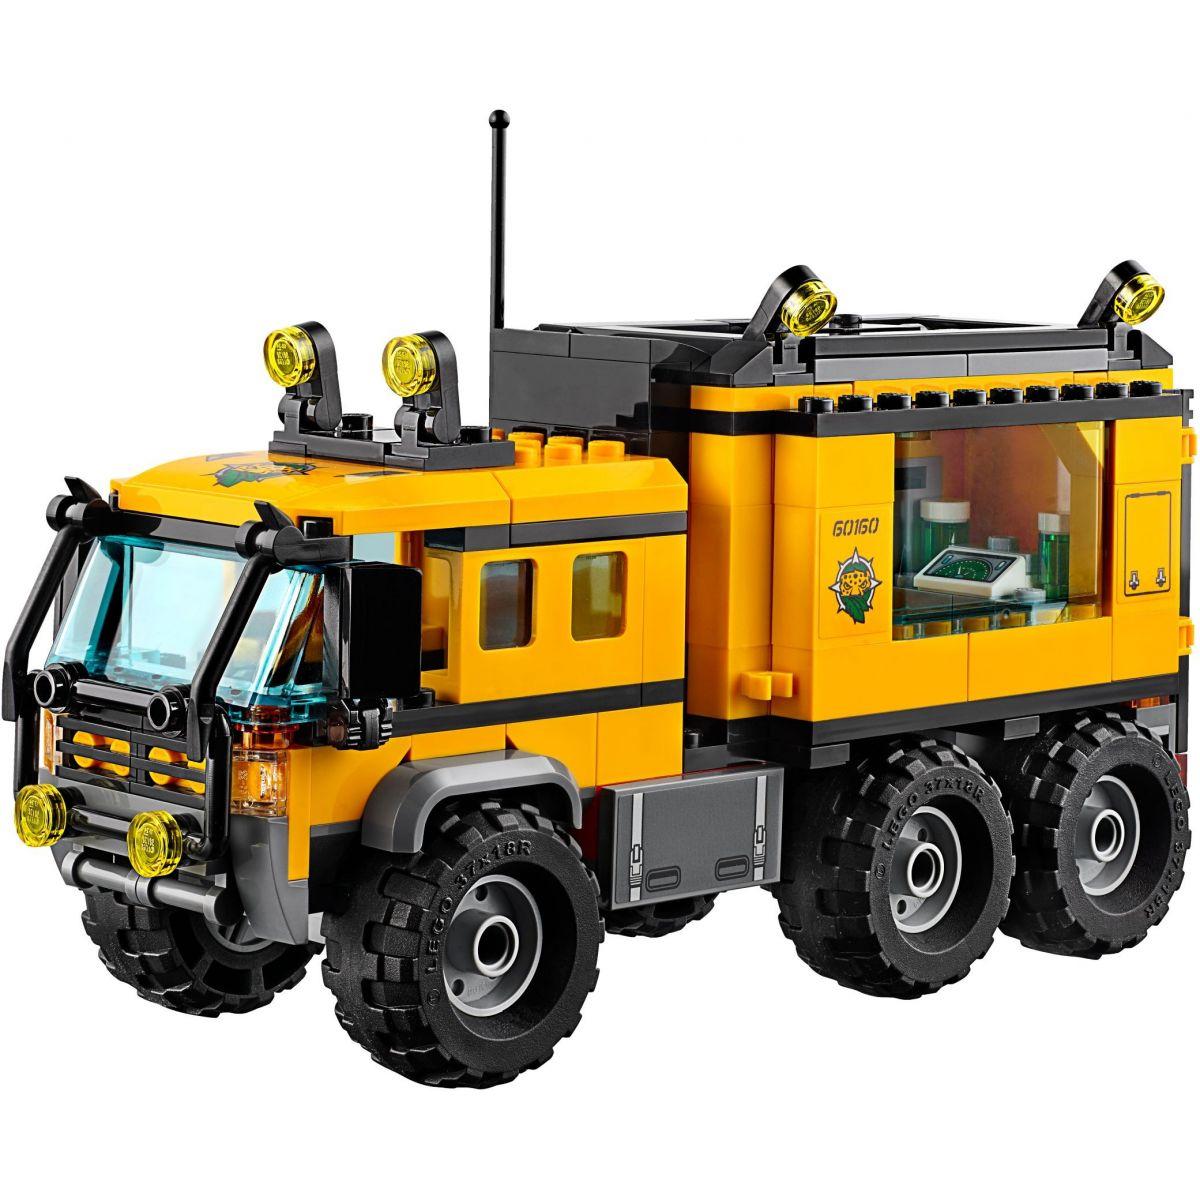 LEGO City 60160 Mobilní laboratoř do džungle #2